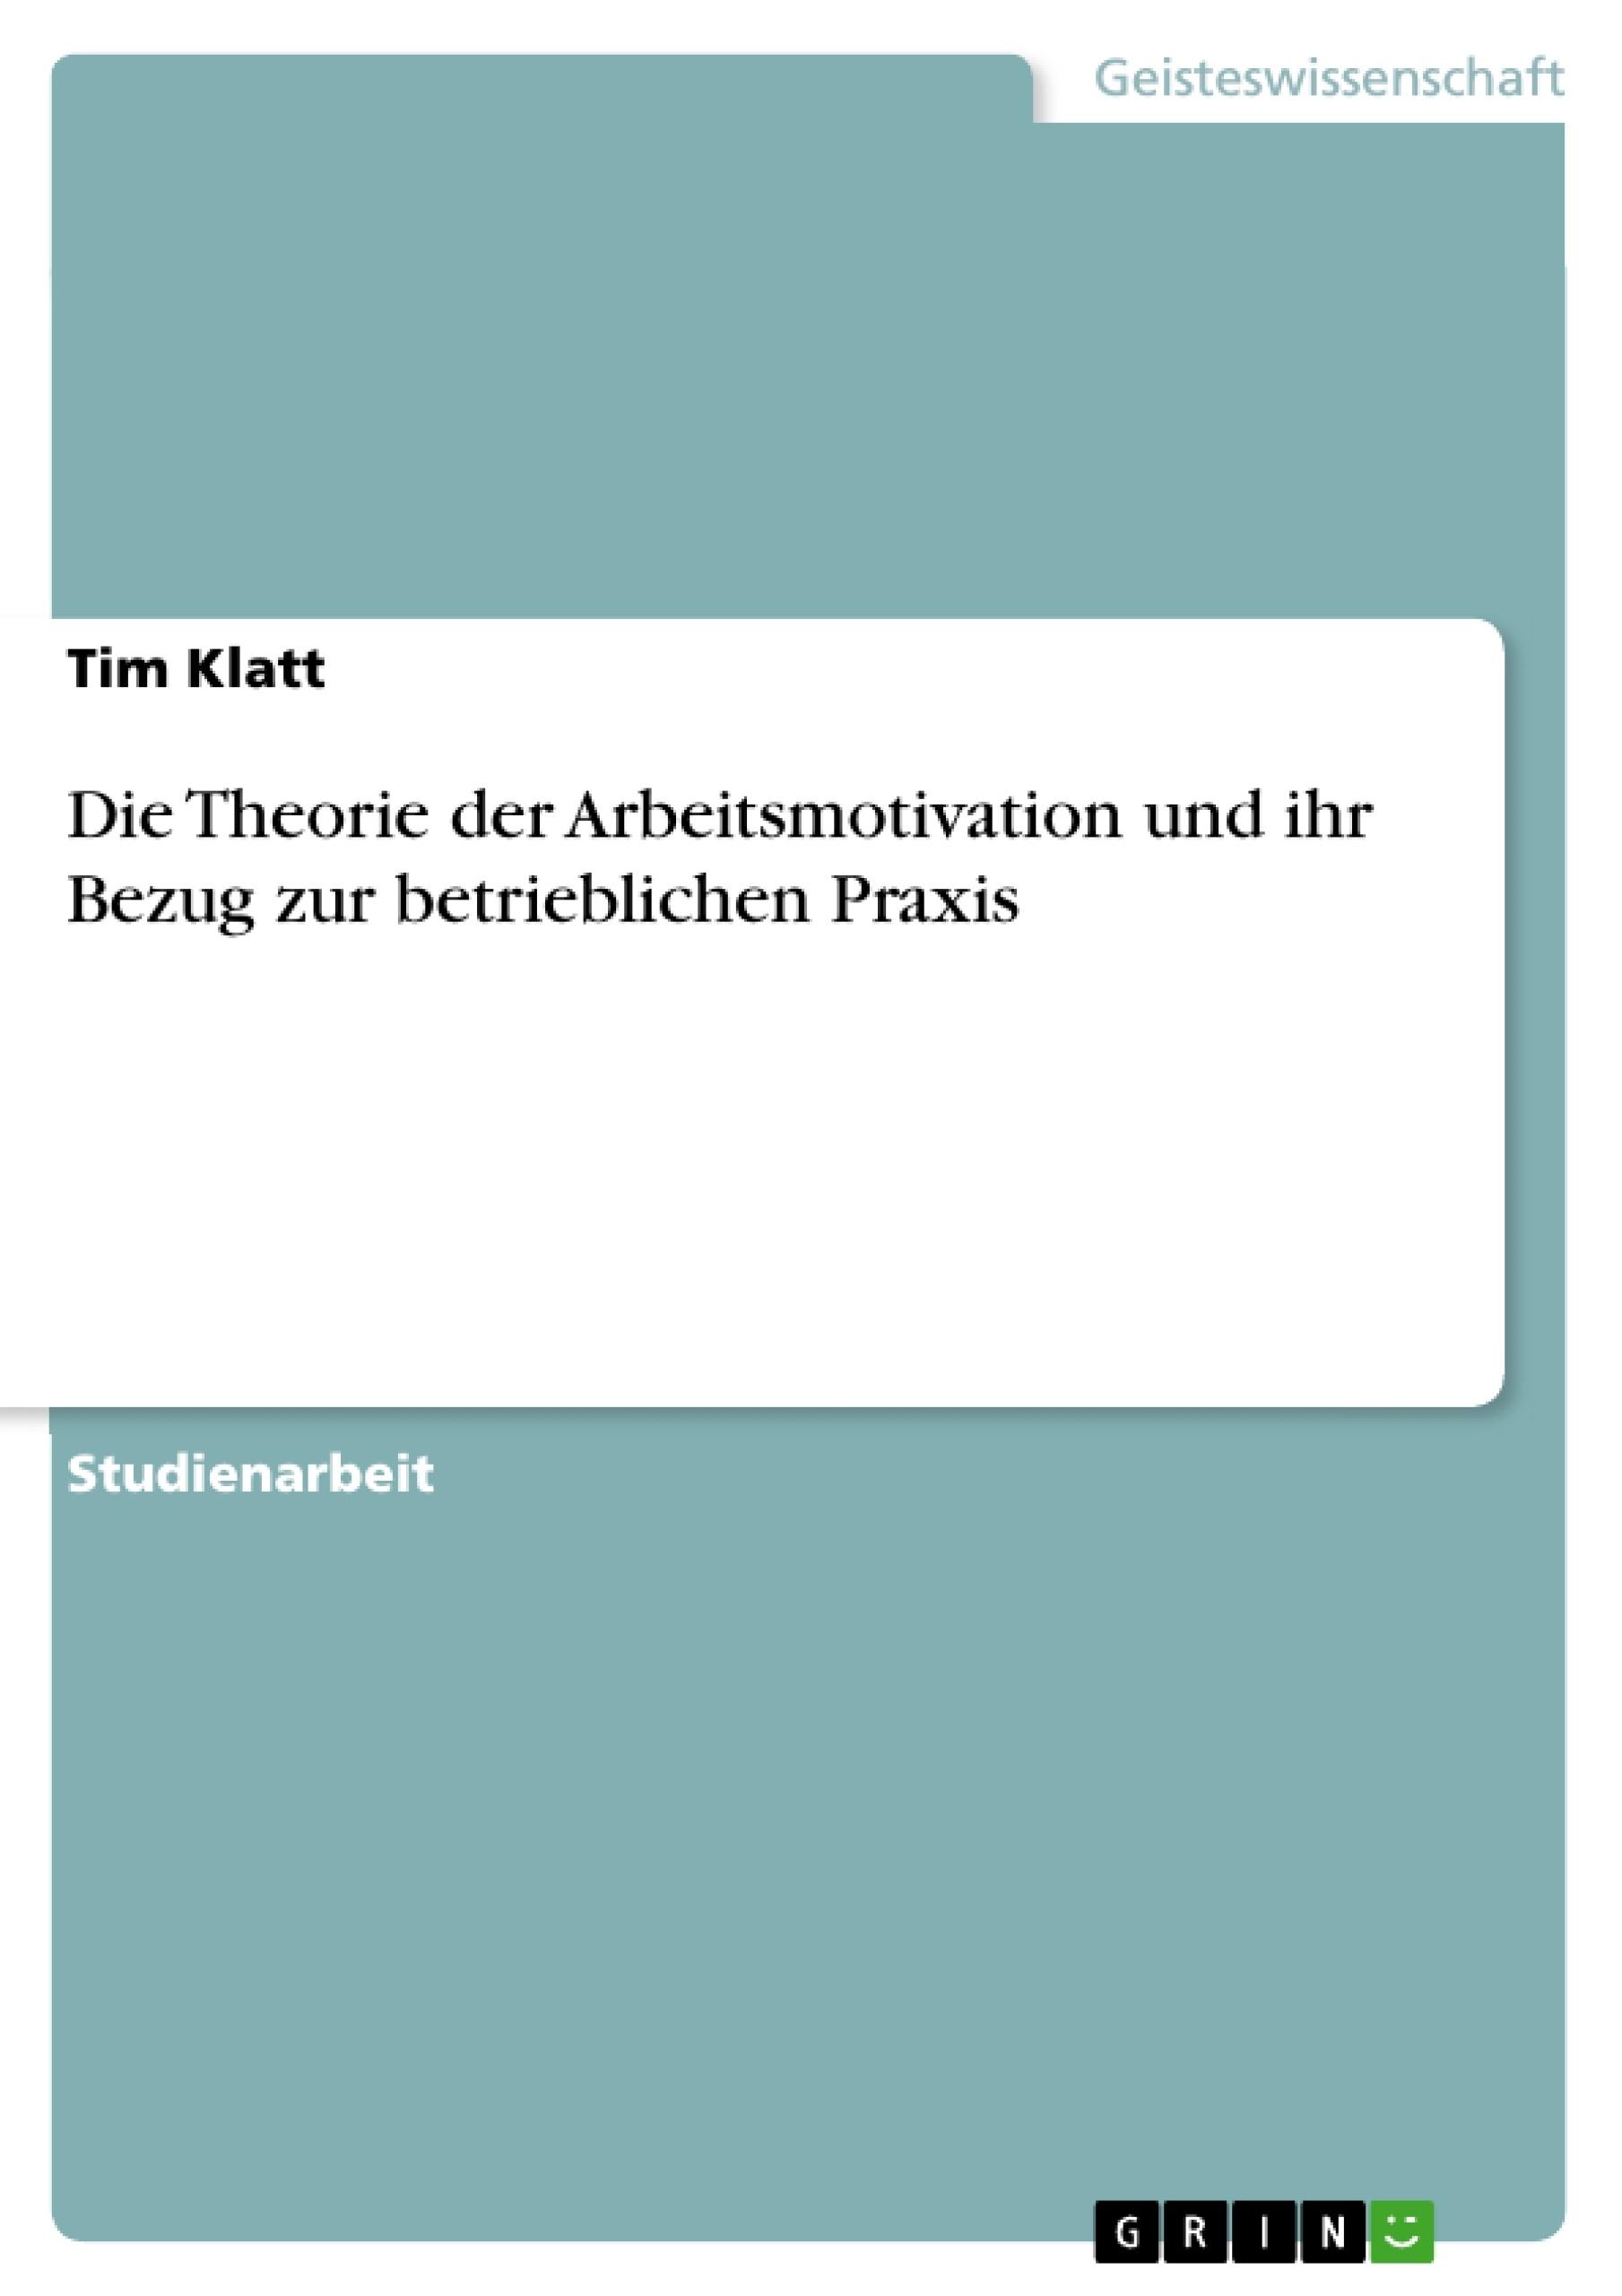 Titel: Die Theorie der Arbeitsmotivation und ihr Bezug zur betrieblichen Praxis